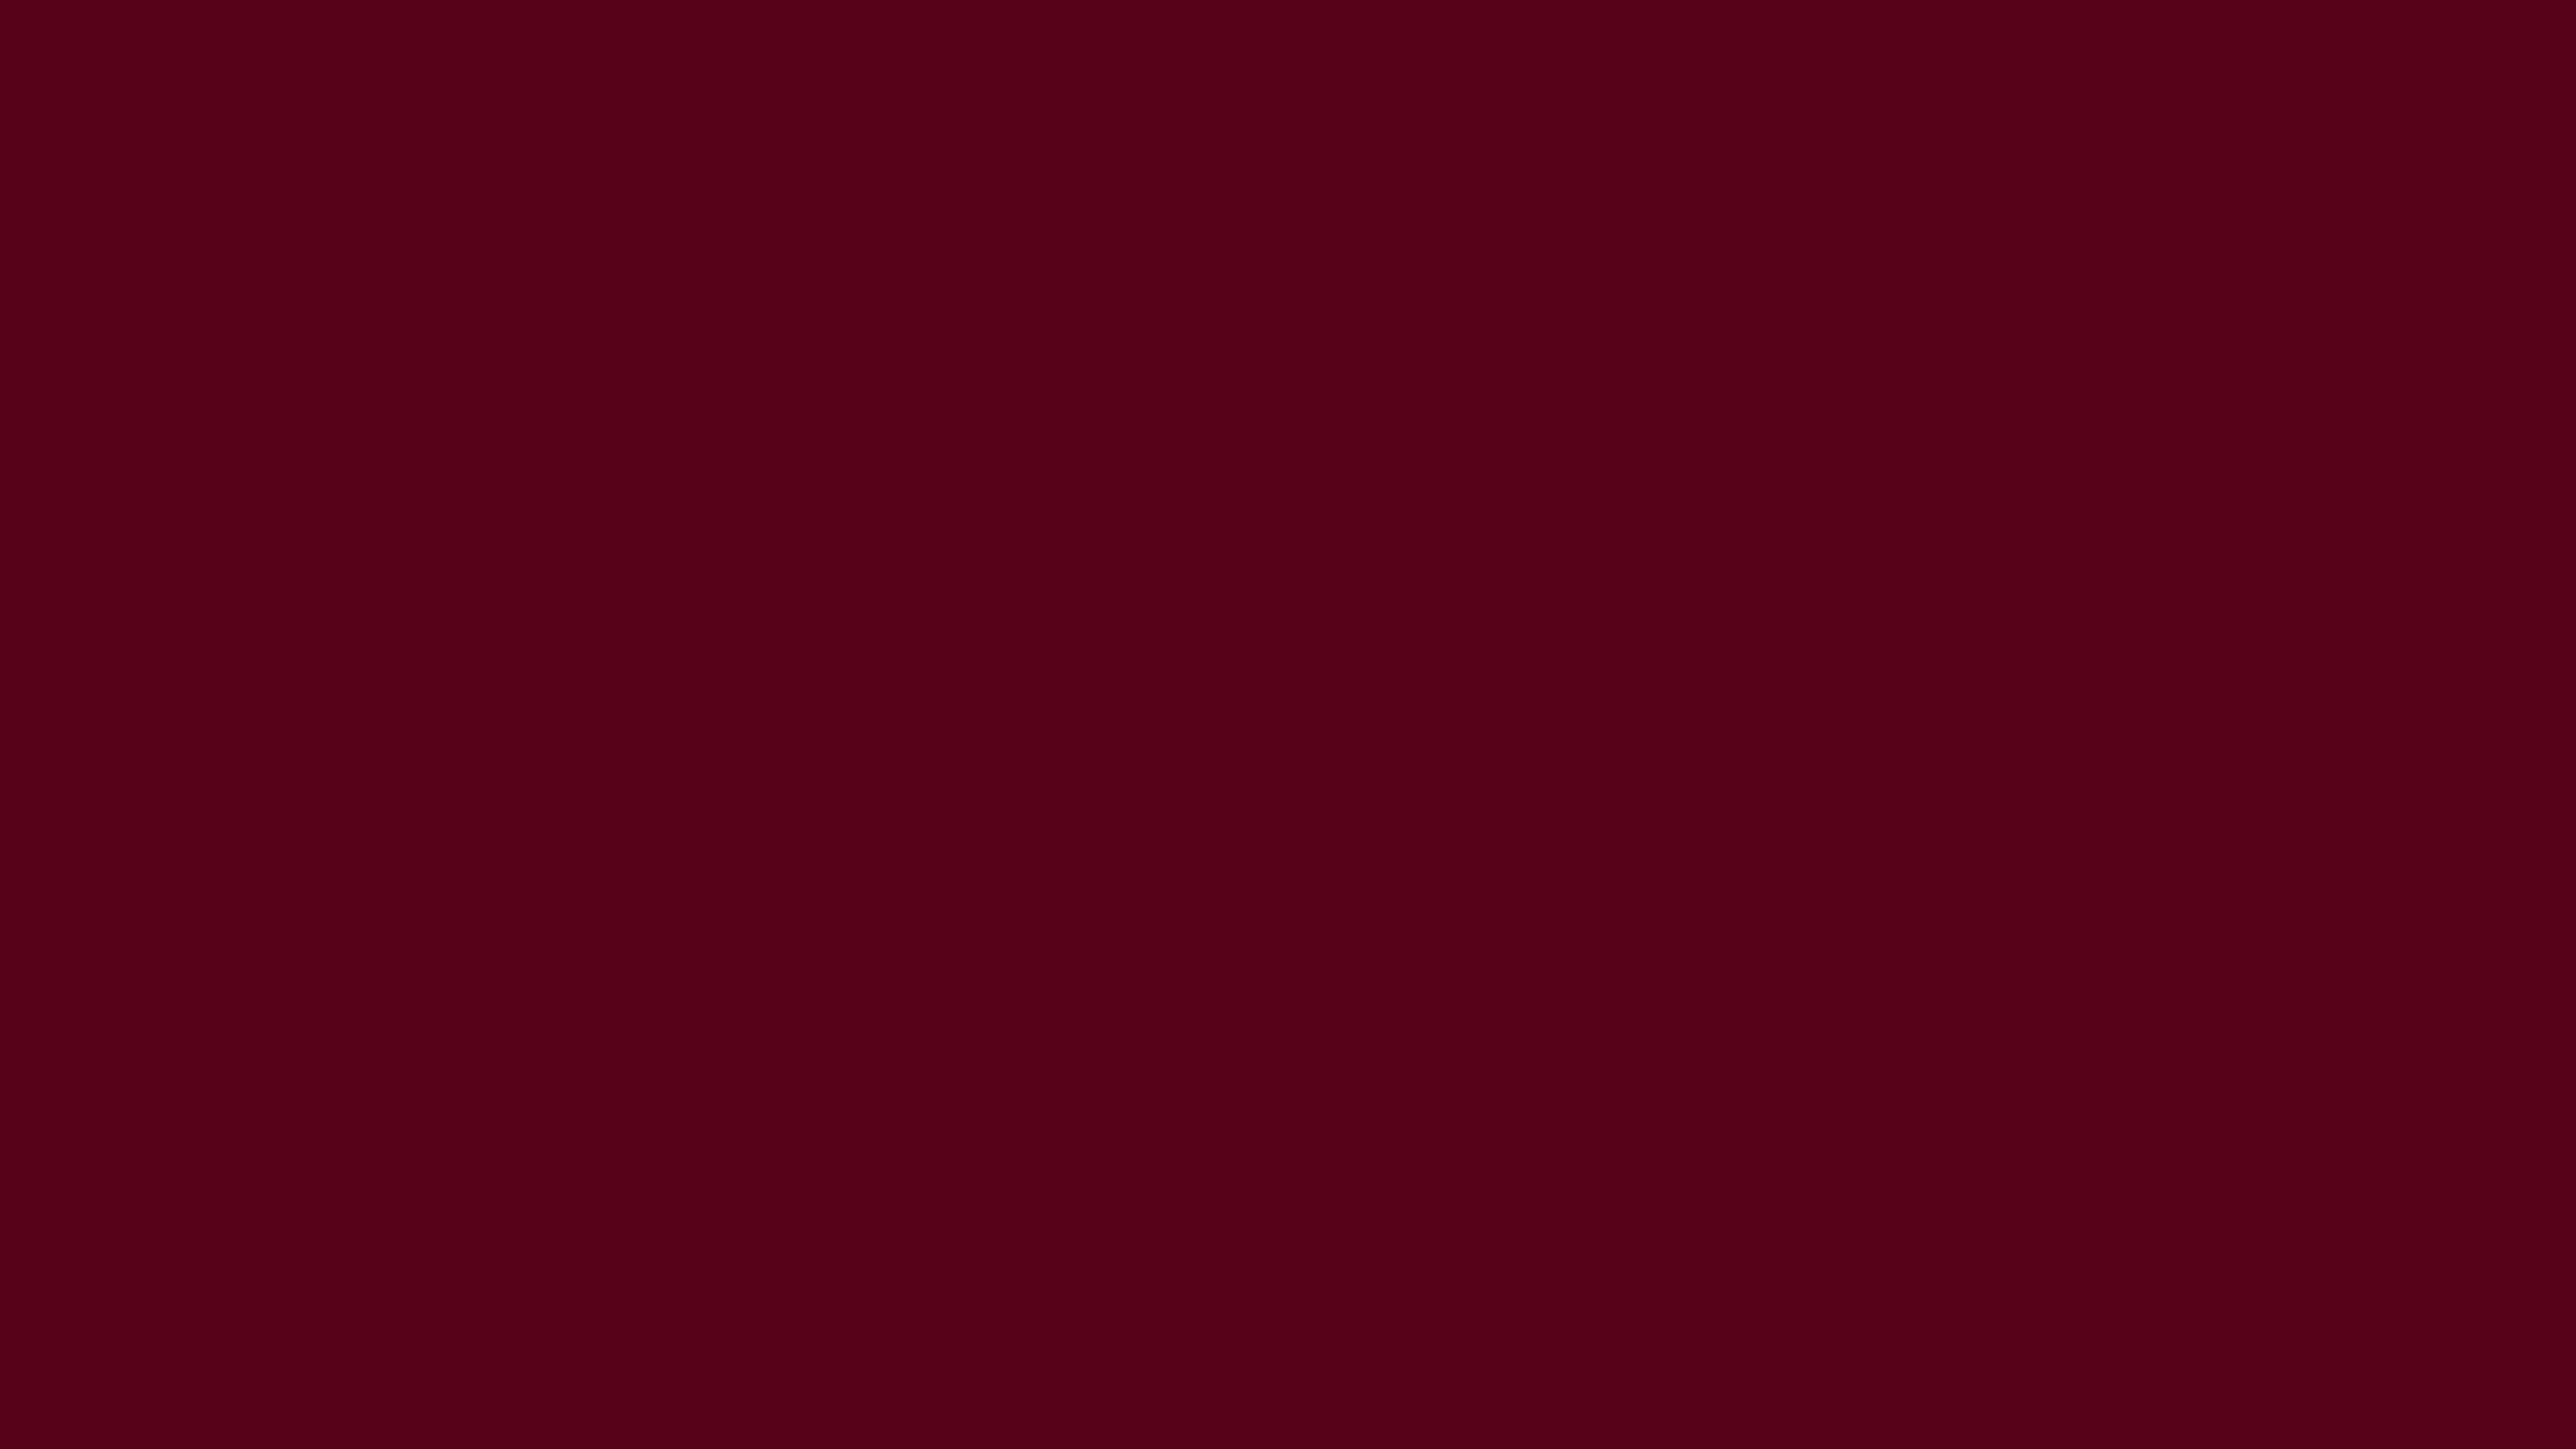 4096x2304 Dark Scarlet Solid Color Background